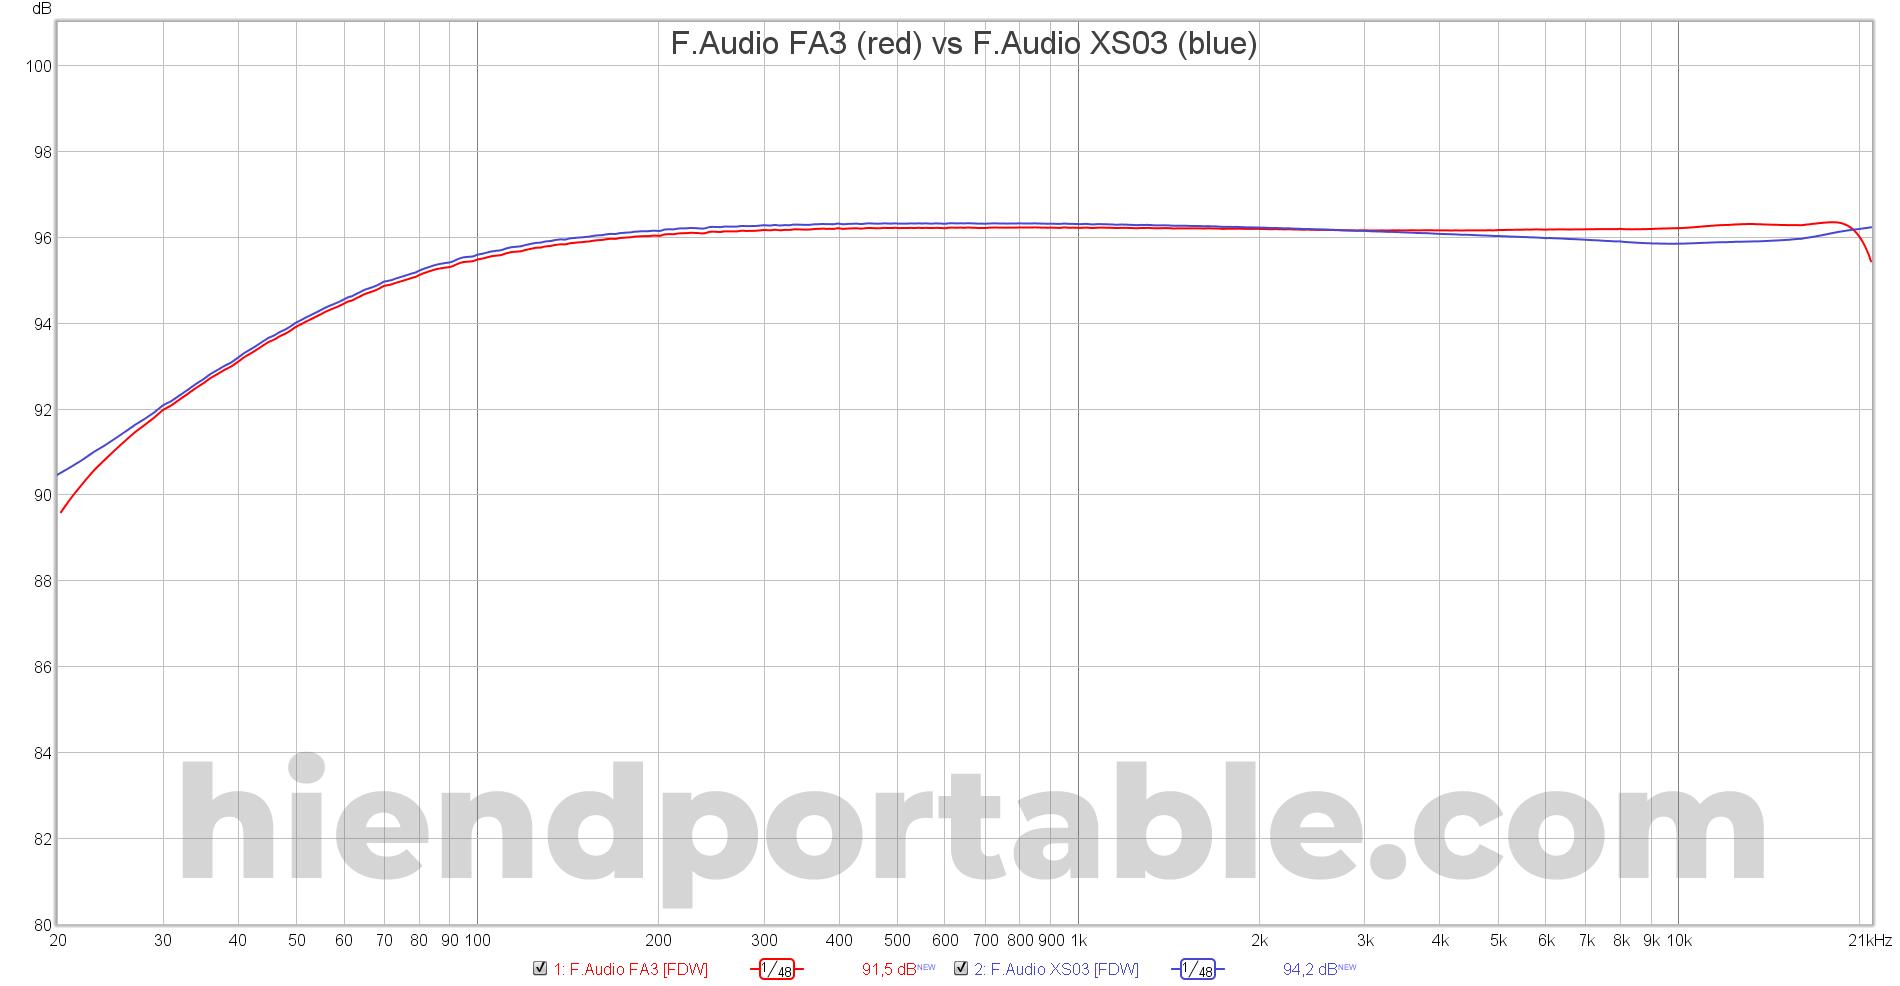 F.Audio-FA3-vs-F.Audio-XS03.png